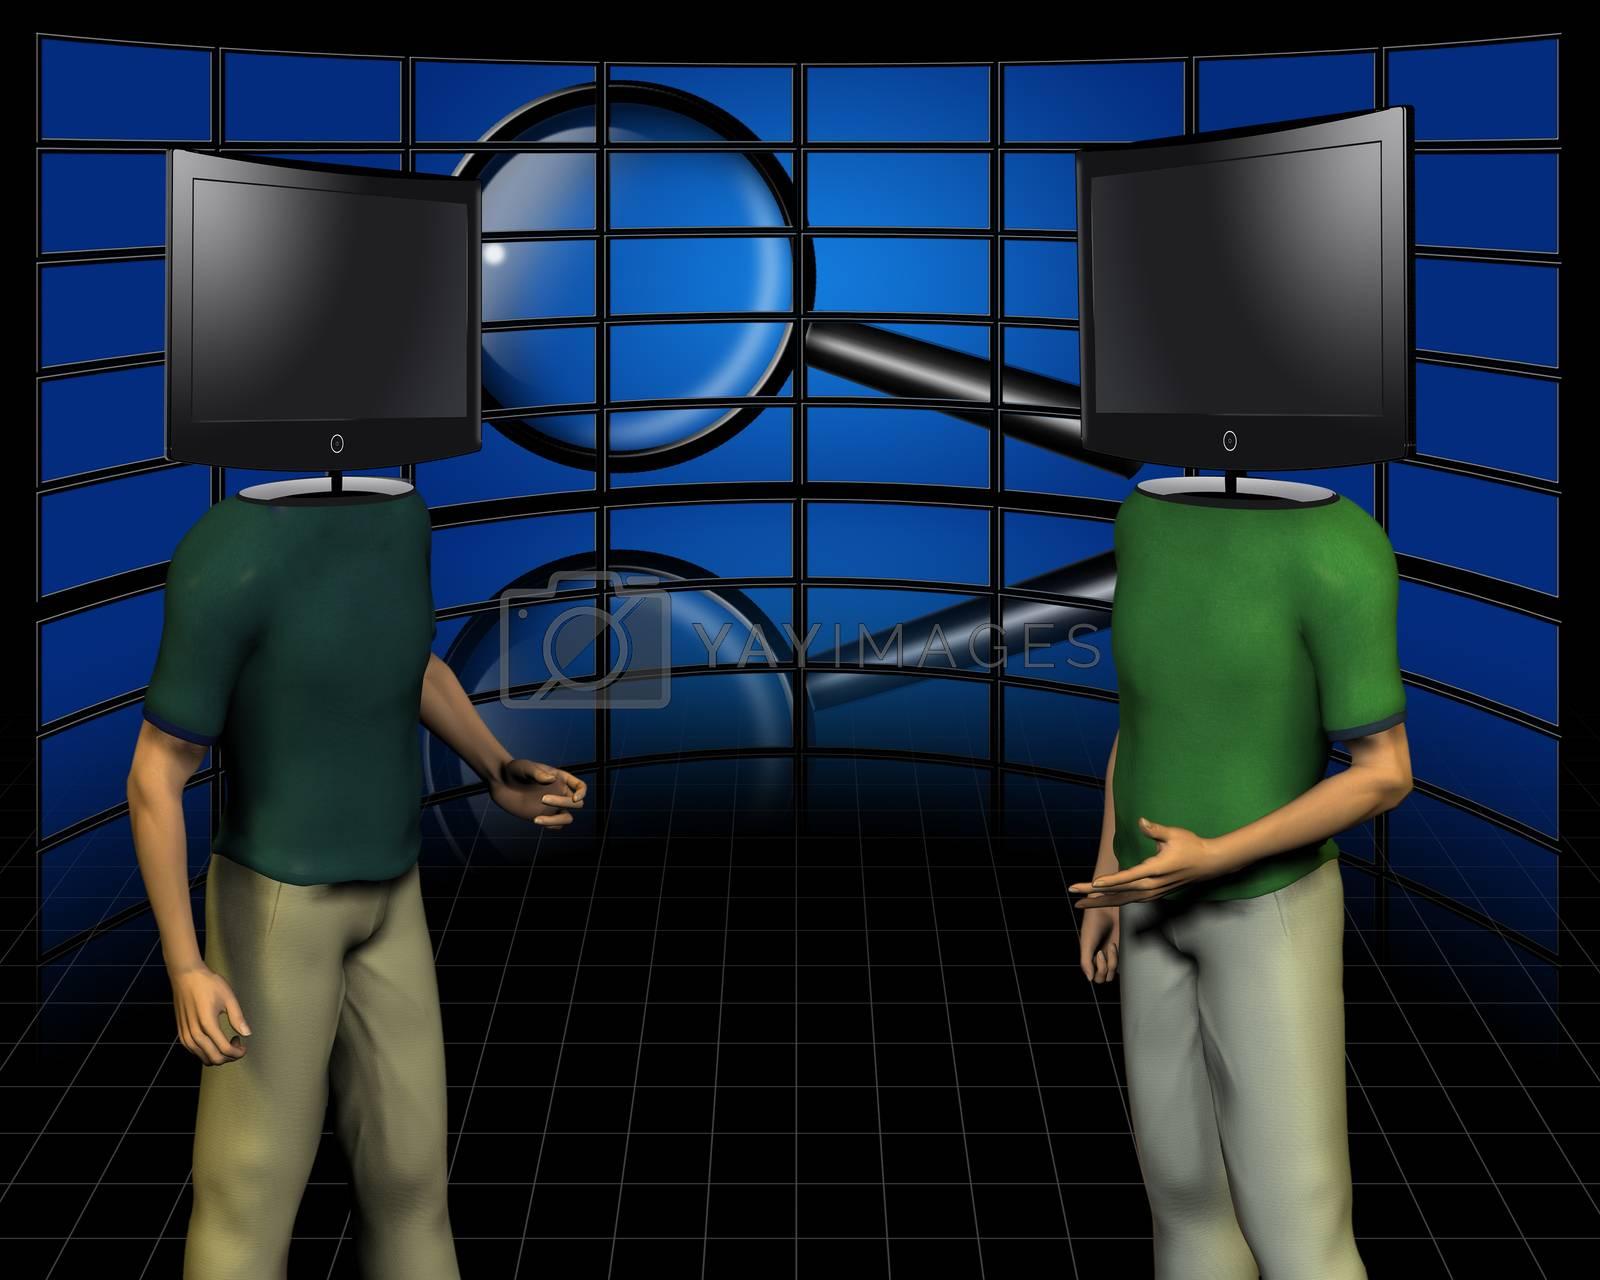 Dispute.  TV screens - head man by applesstock